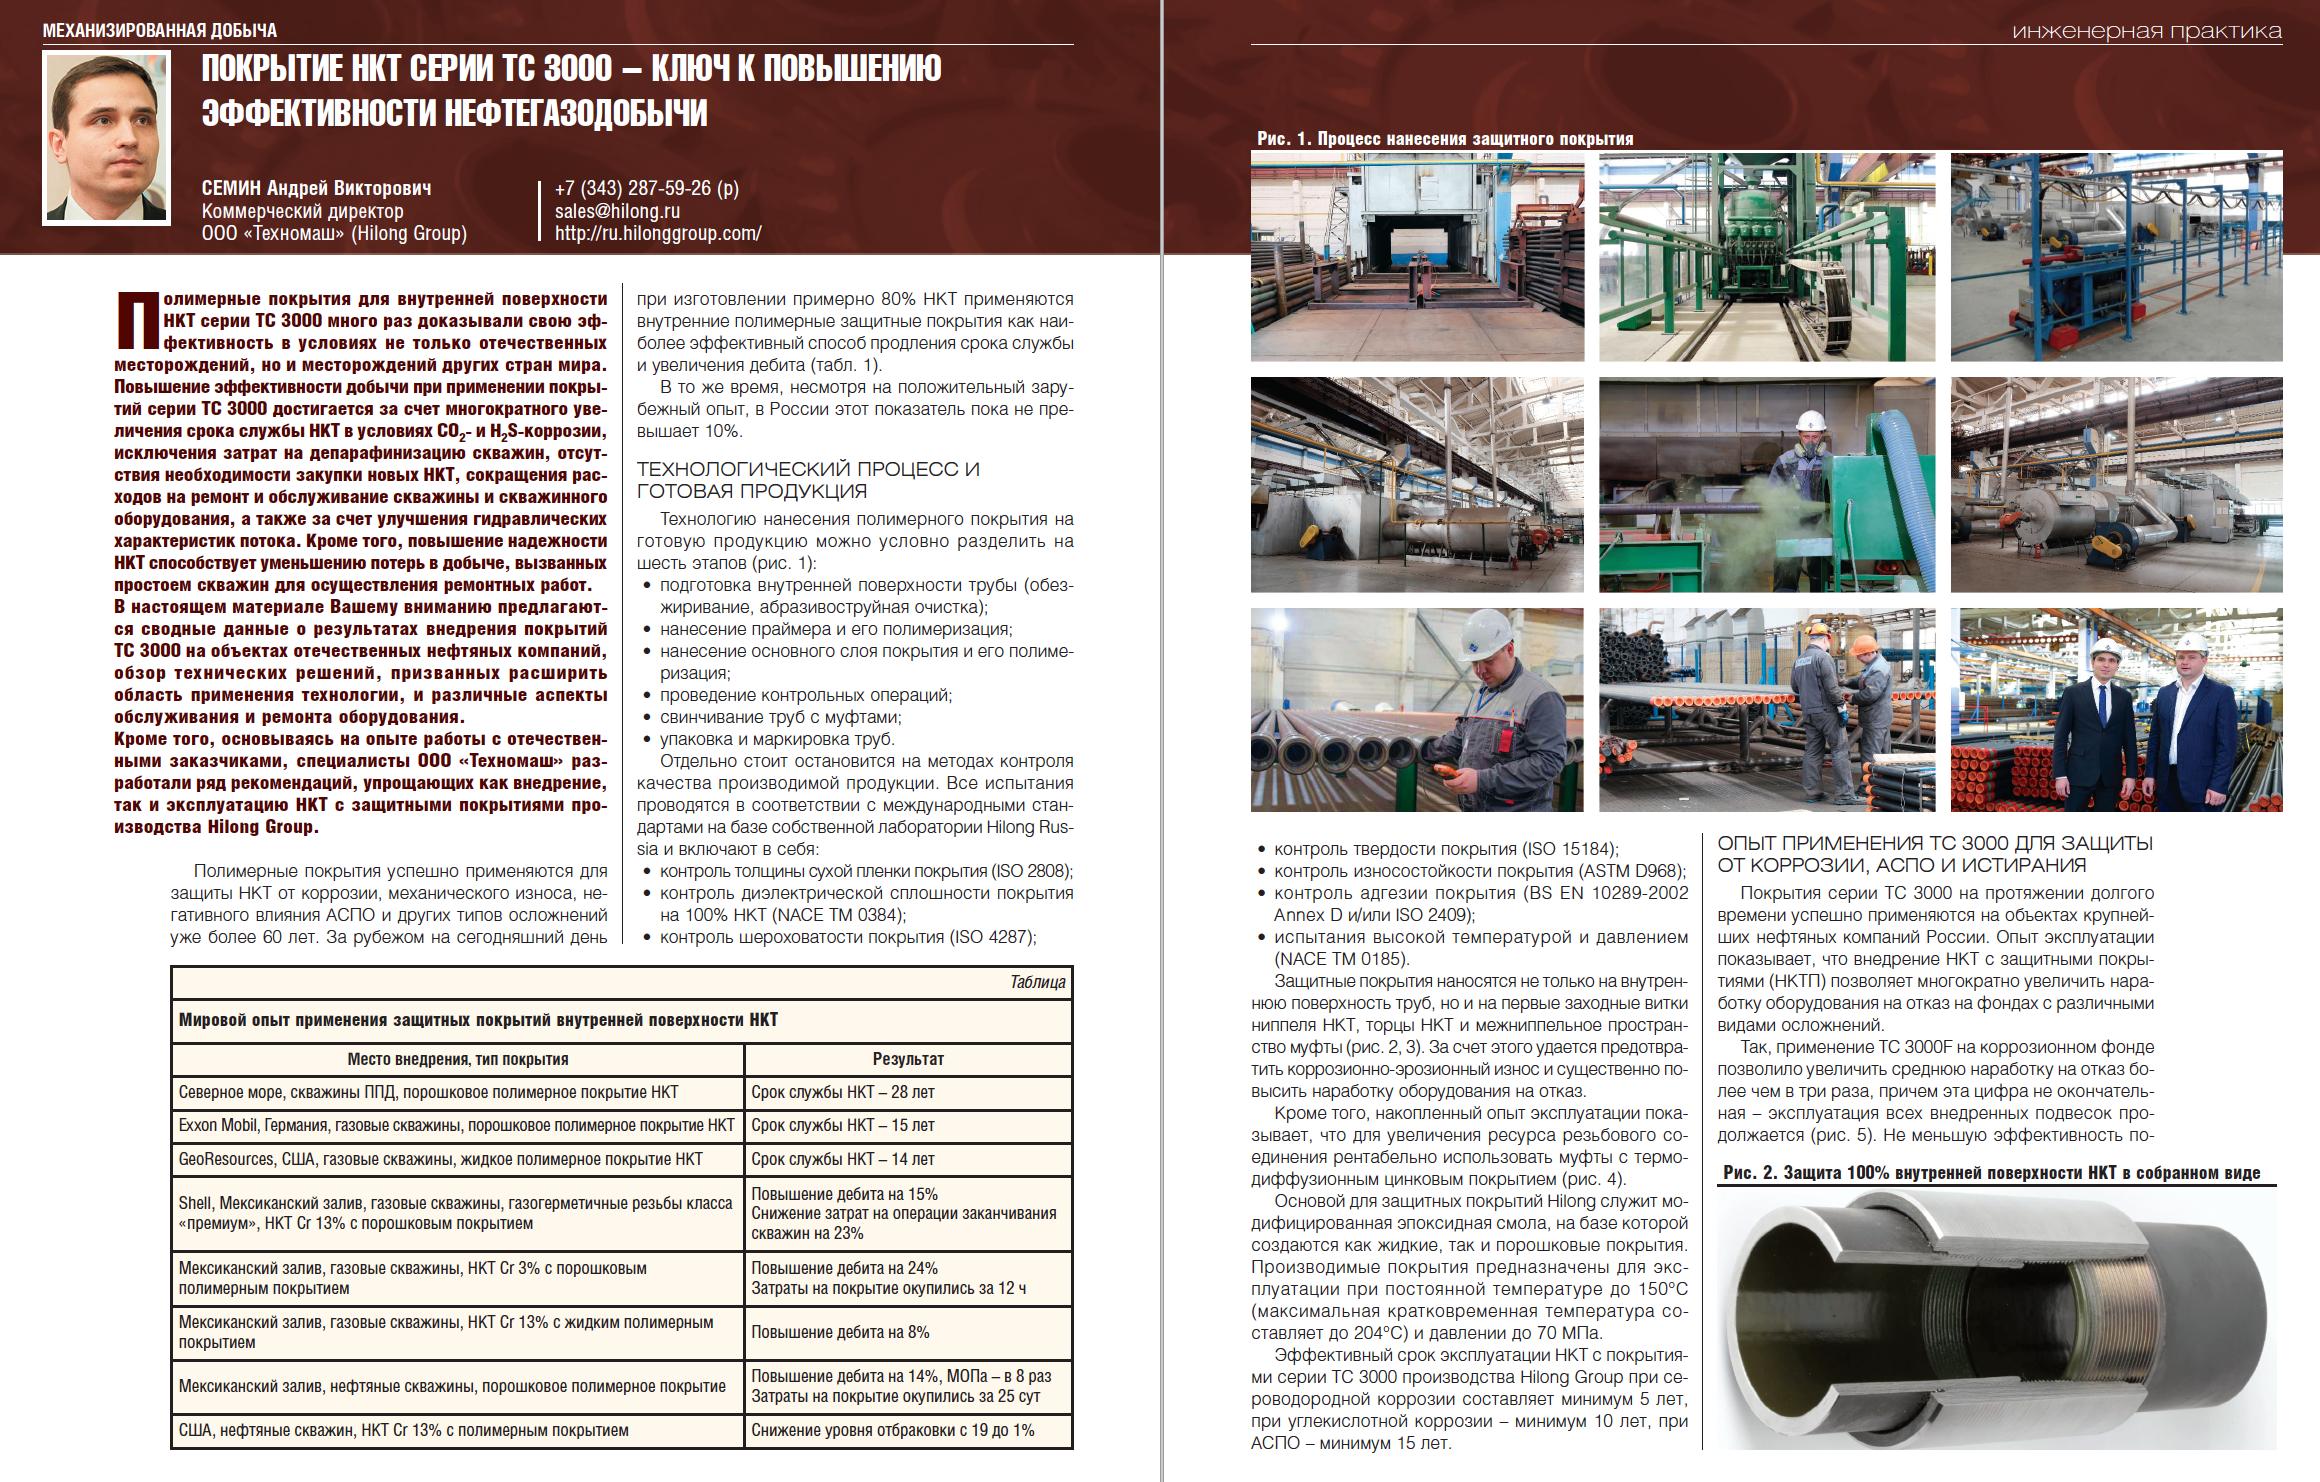 34040 Покрытие НКТ серии ТС 3000 – ключ к повышениюэффективности нефтегазодобычи